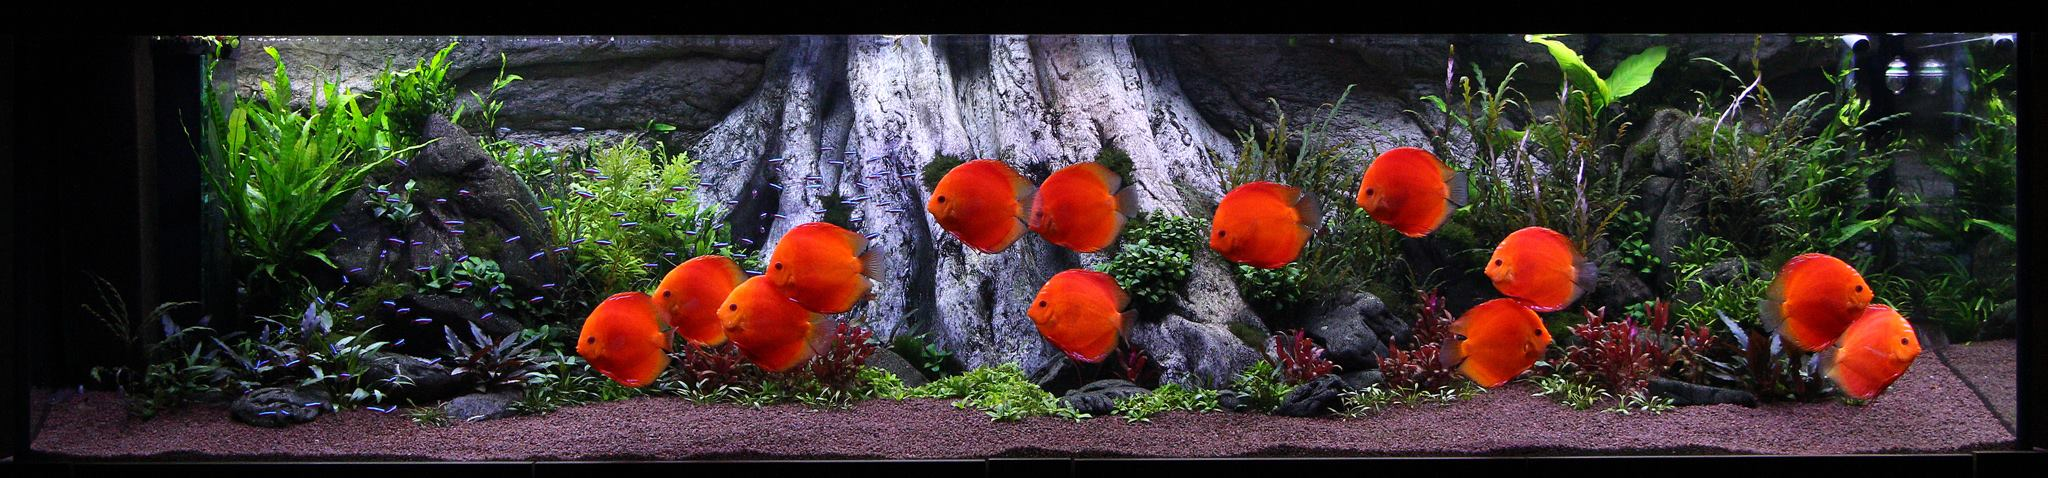 Amazonas XL pozadí od ARSTONE v akváriu s terčovci